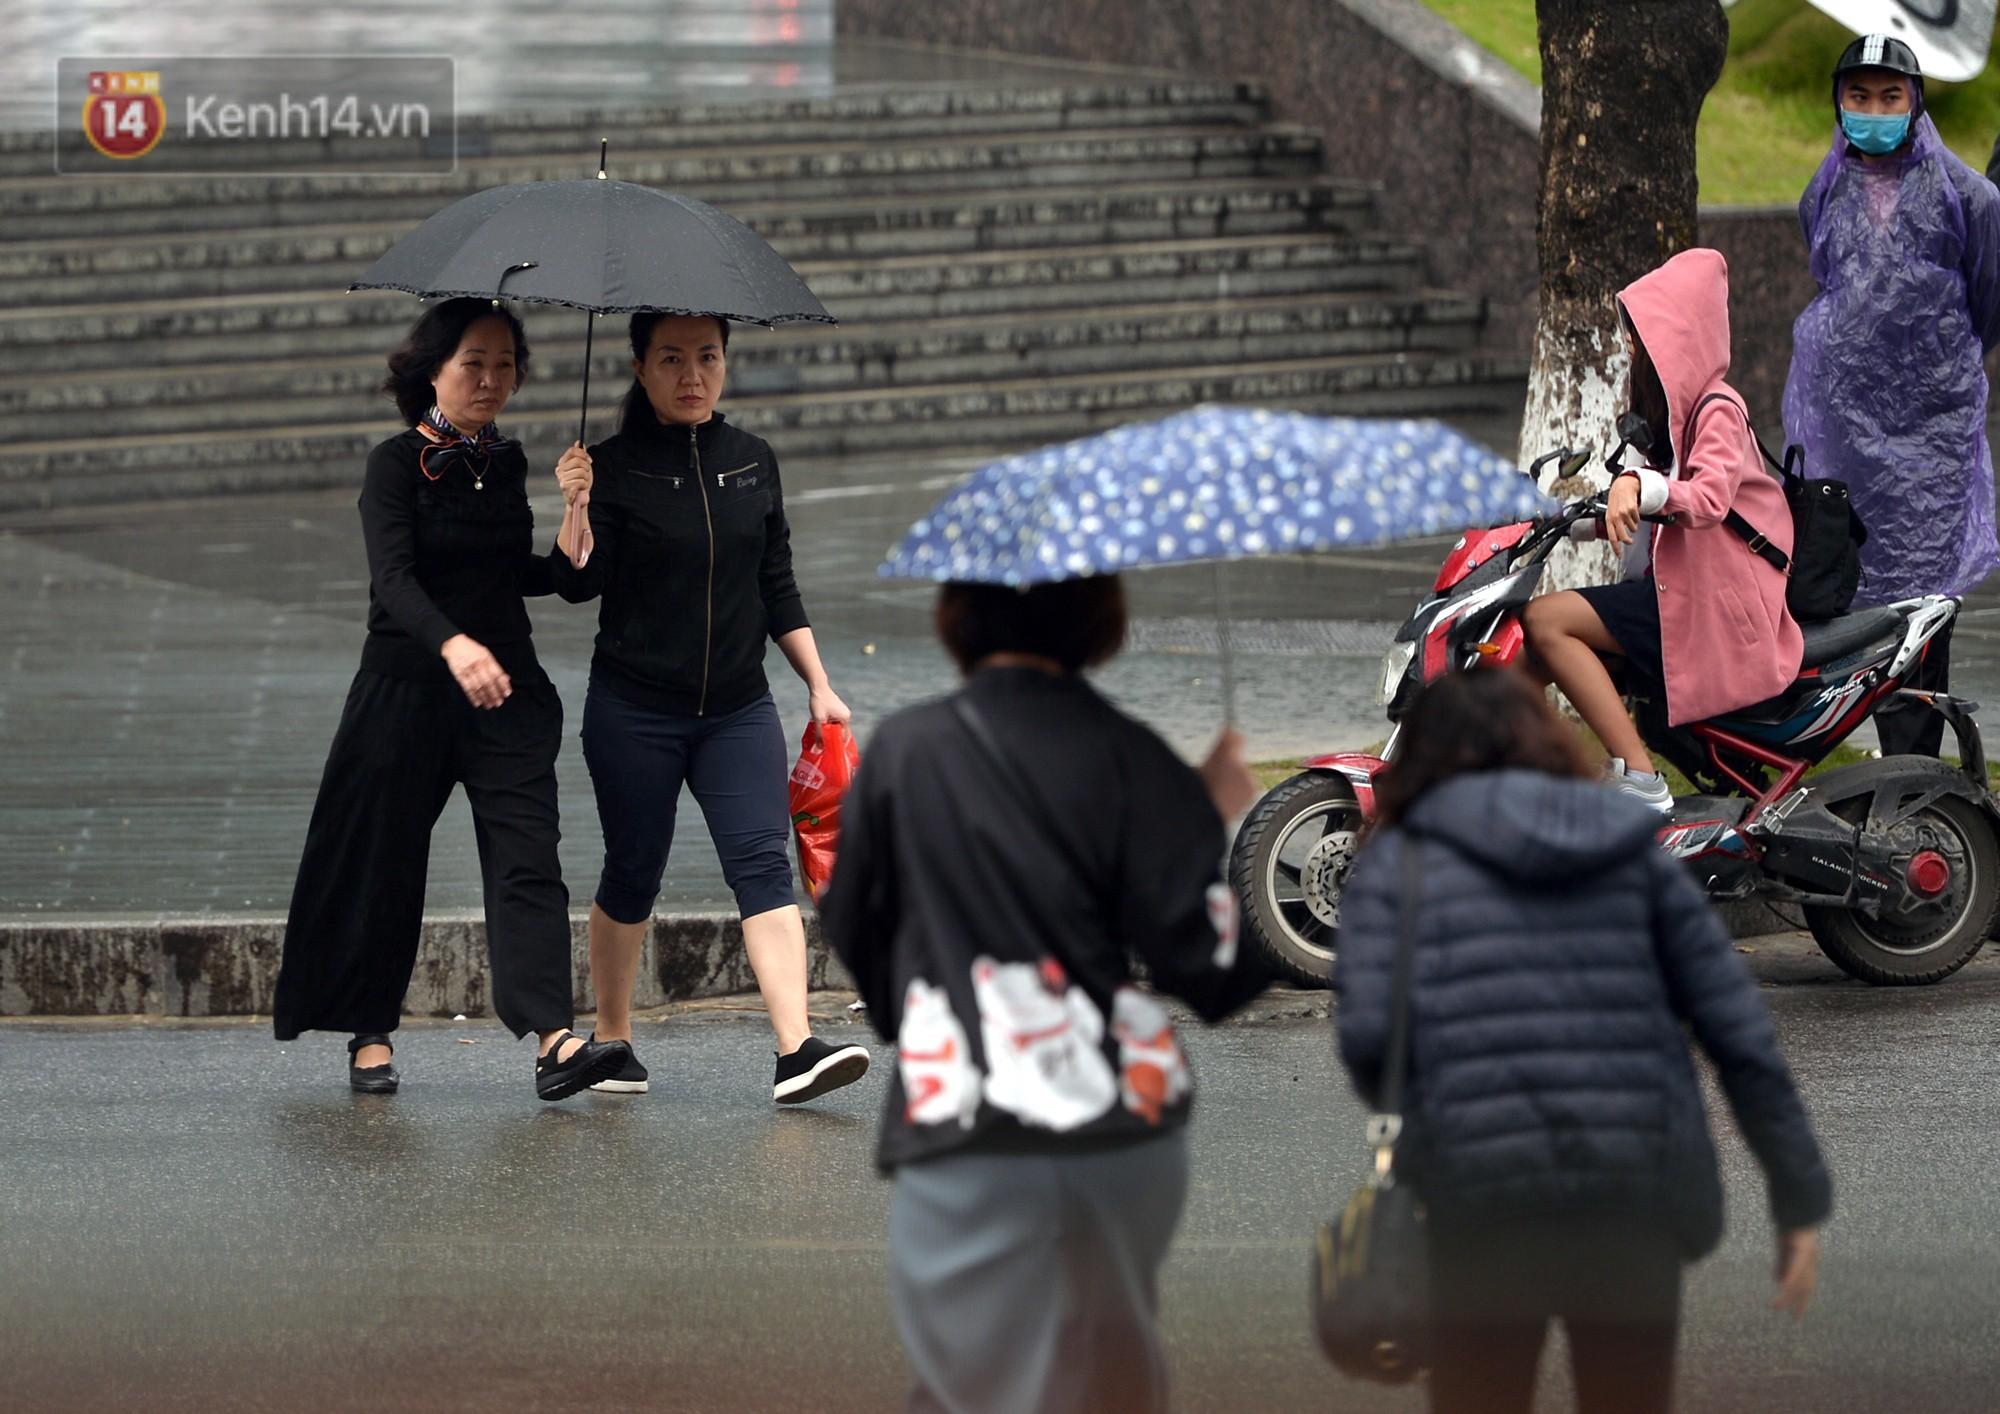 Chùm ảnh: Hà Nội giảm nhiệt độ, người mặc áo khoác dày, người quần đùi áo cộc xuống phố - Ảnh 4.